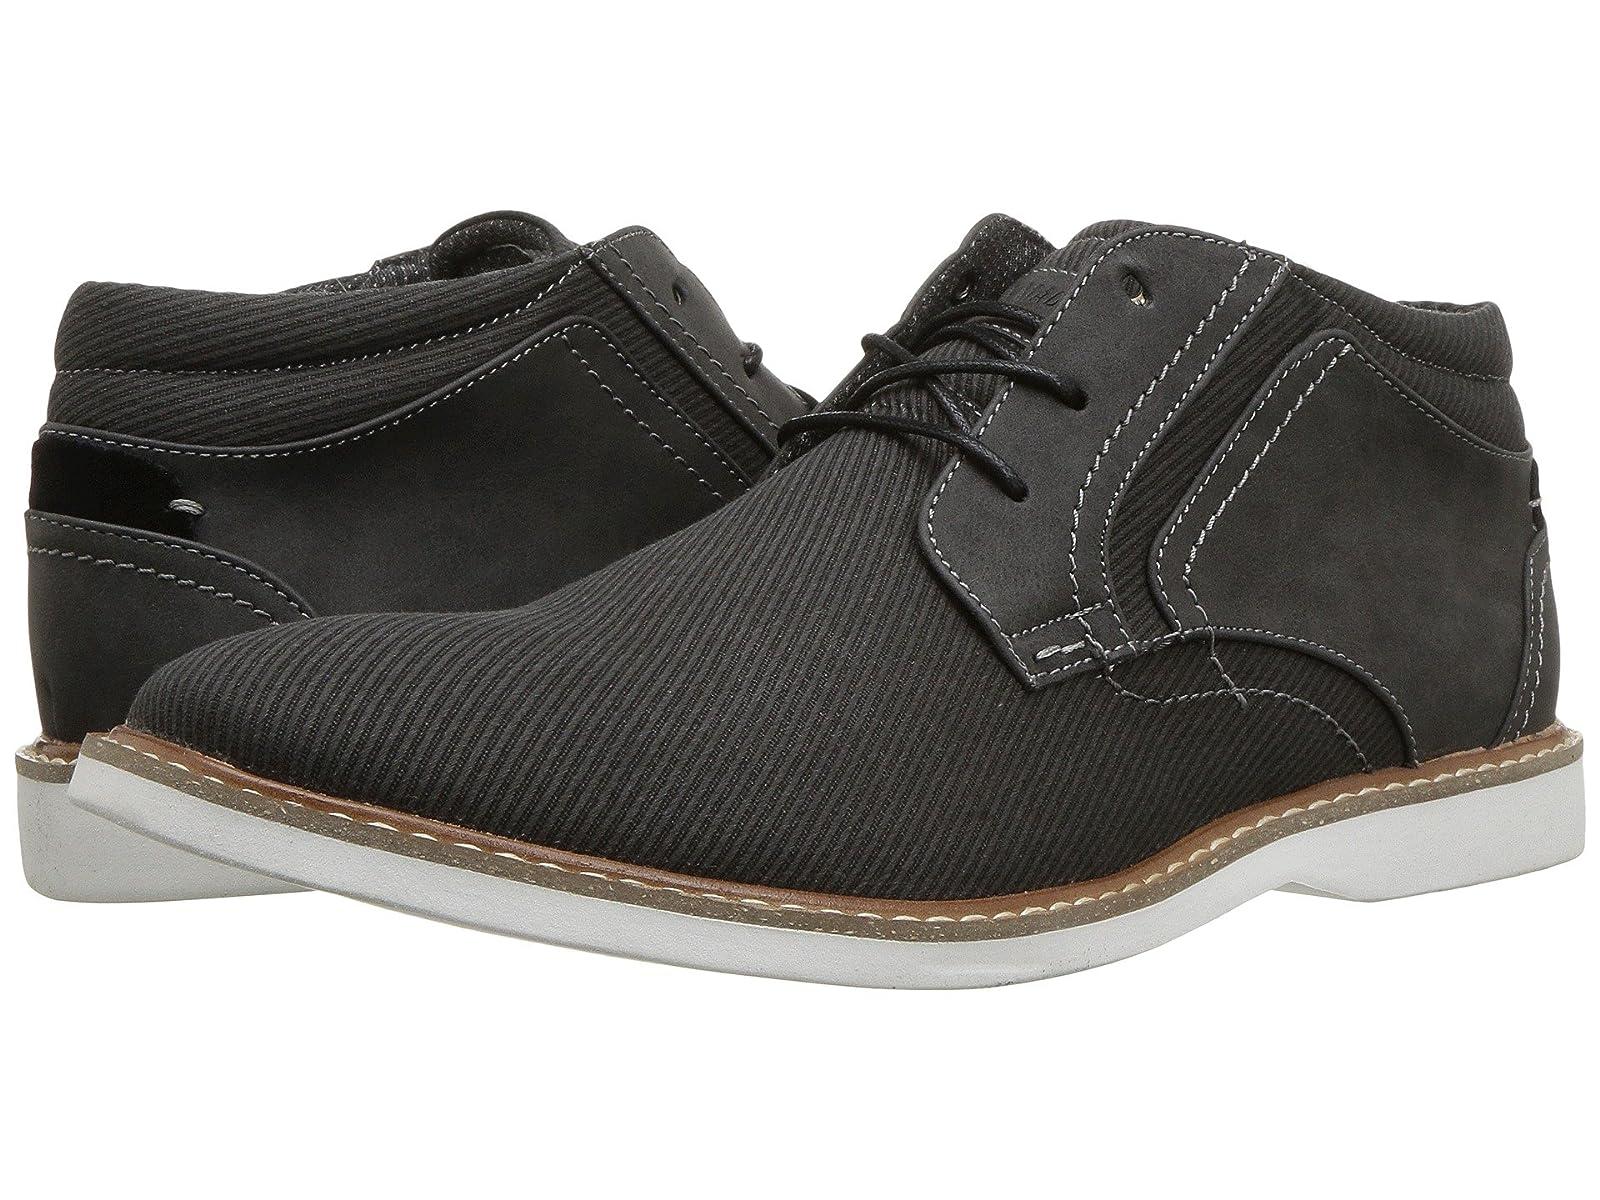 Steve Madden KranceAtmospheric grades have affordable shoes